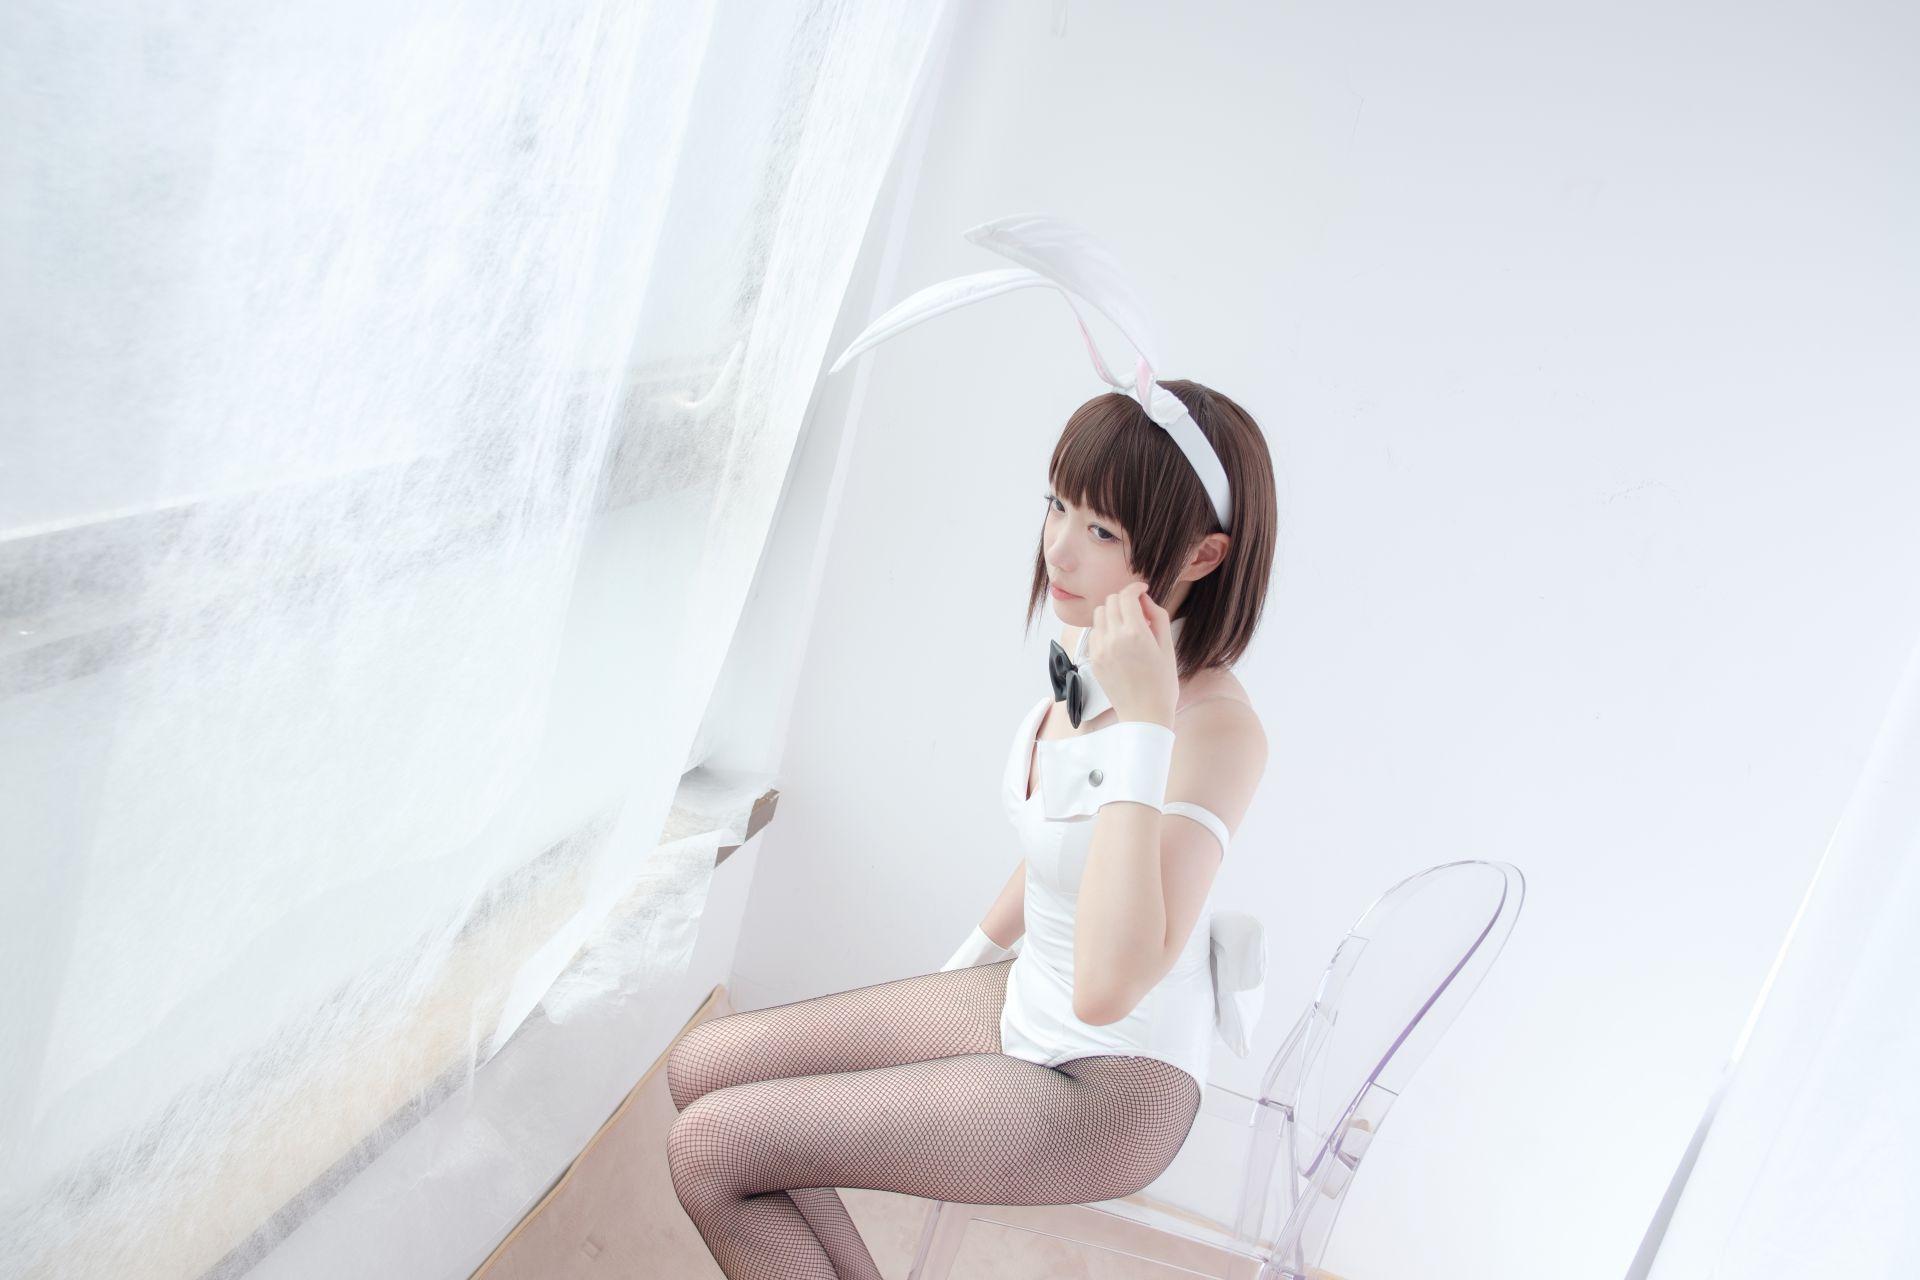 【森萝财团】森萝财团写真 - LOVEPLUS-001 黑丝网袜兔女郎 [148P2V-3.22GB] LOVEPLUS系列 第5张